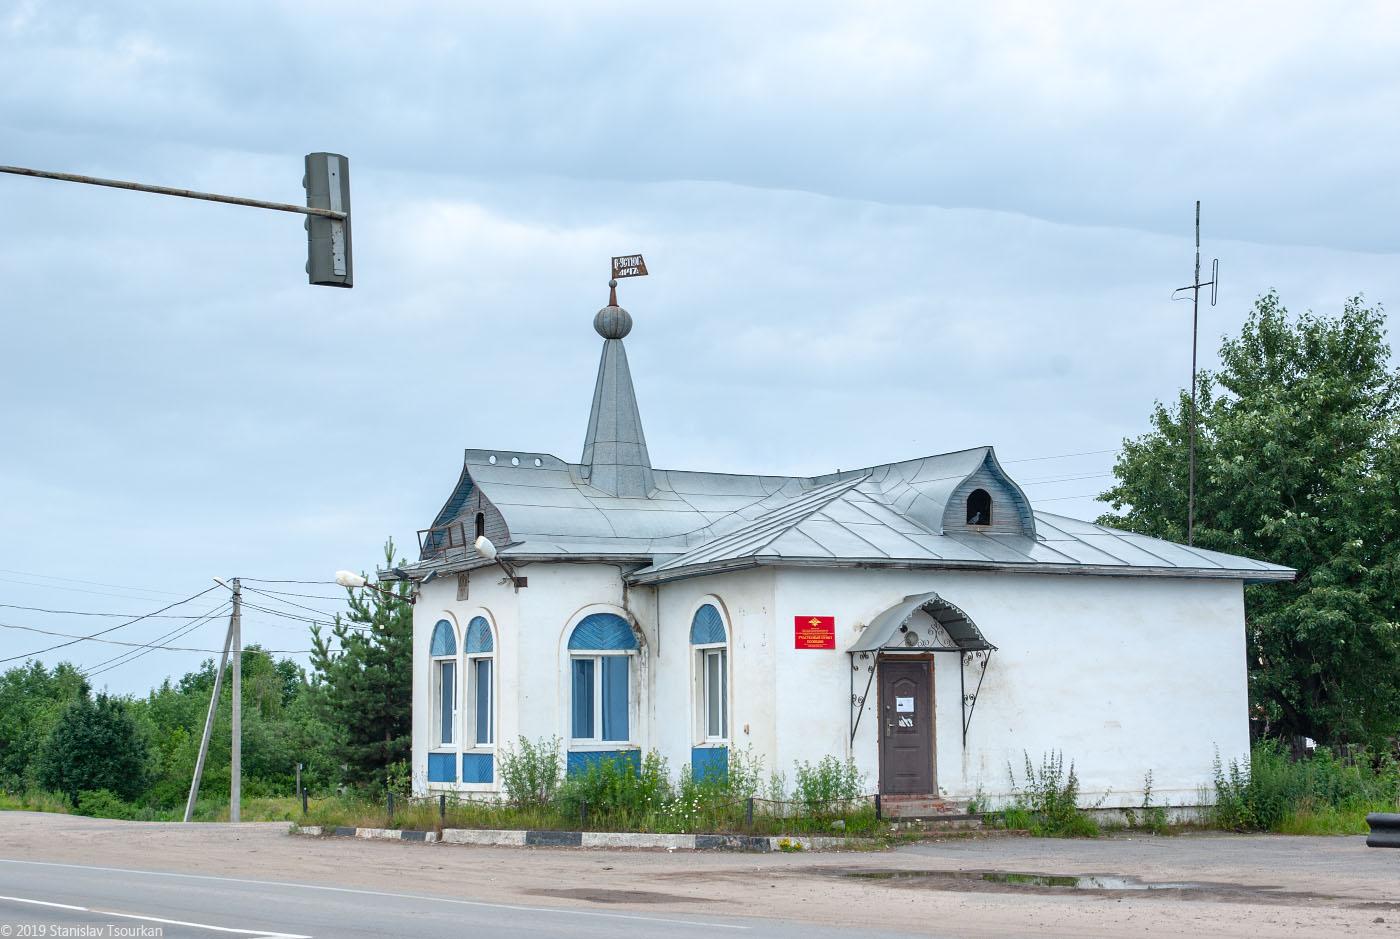 Вологодская область, Вологодчина, Великий устюг, Русский север, пост ГАИ, ДПС